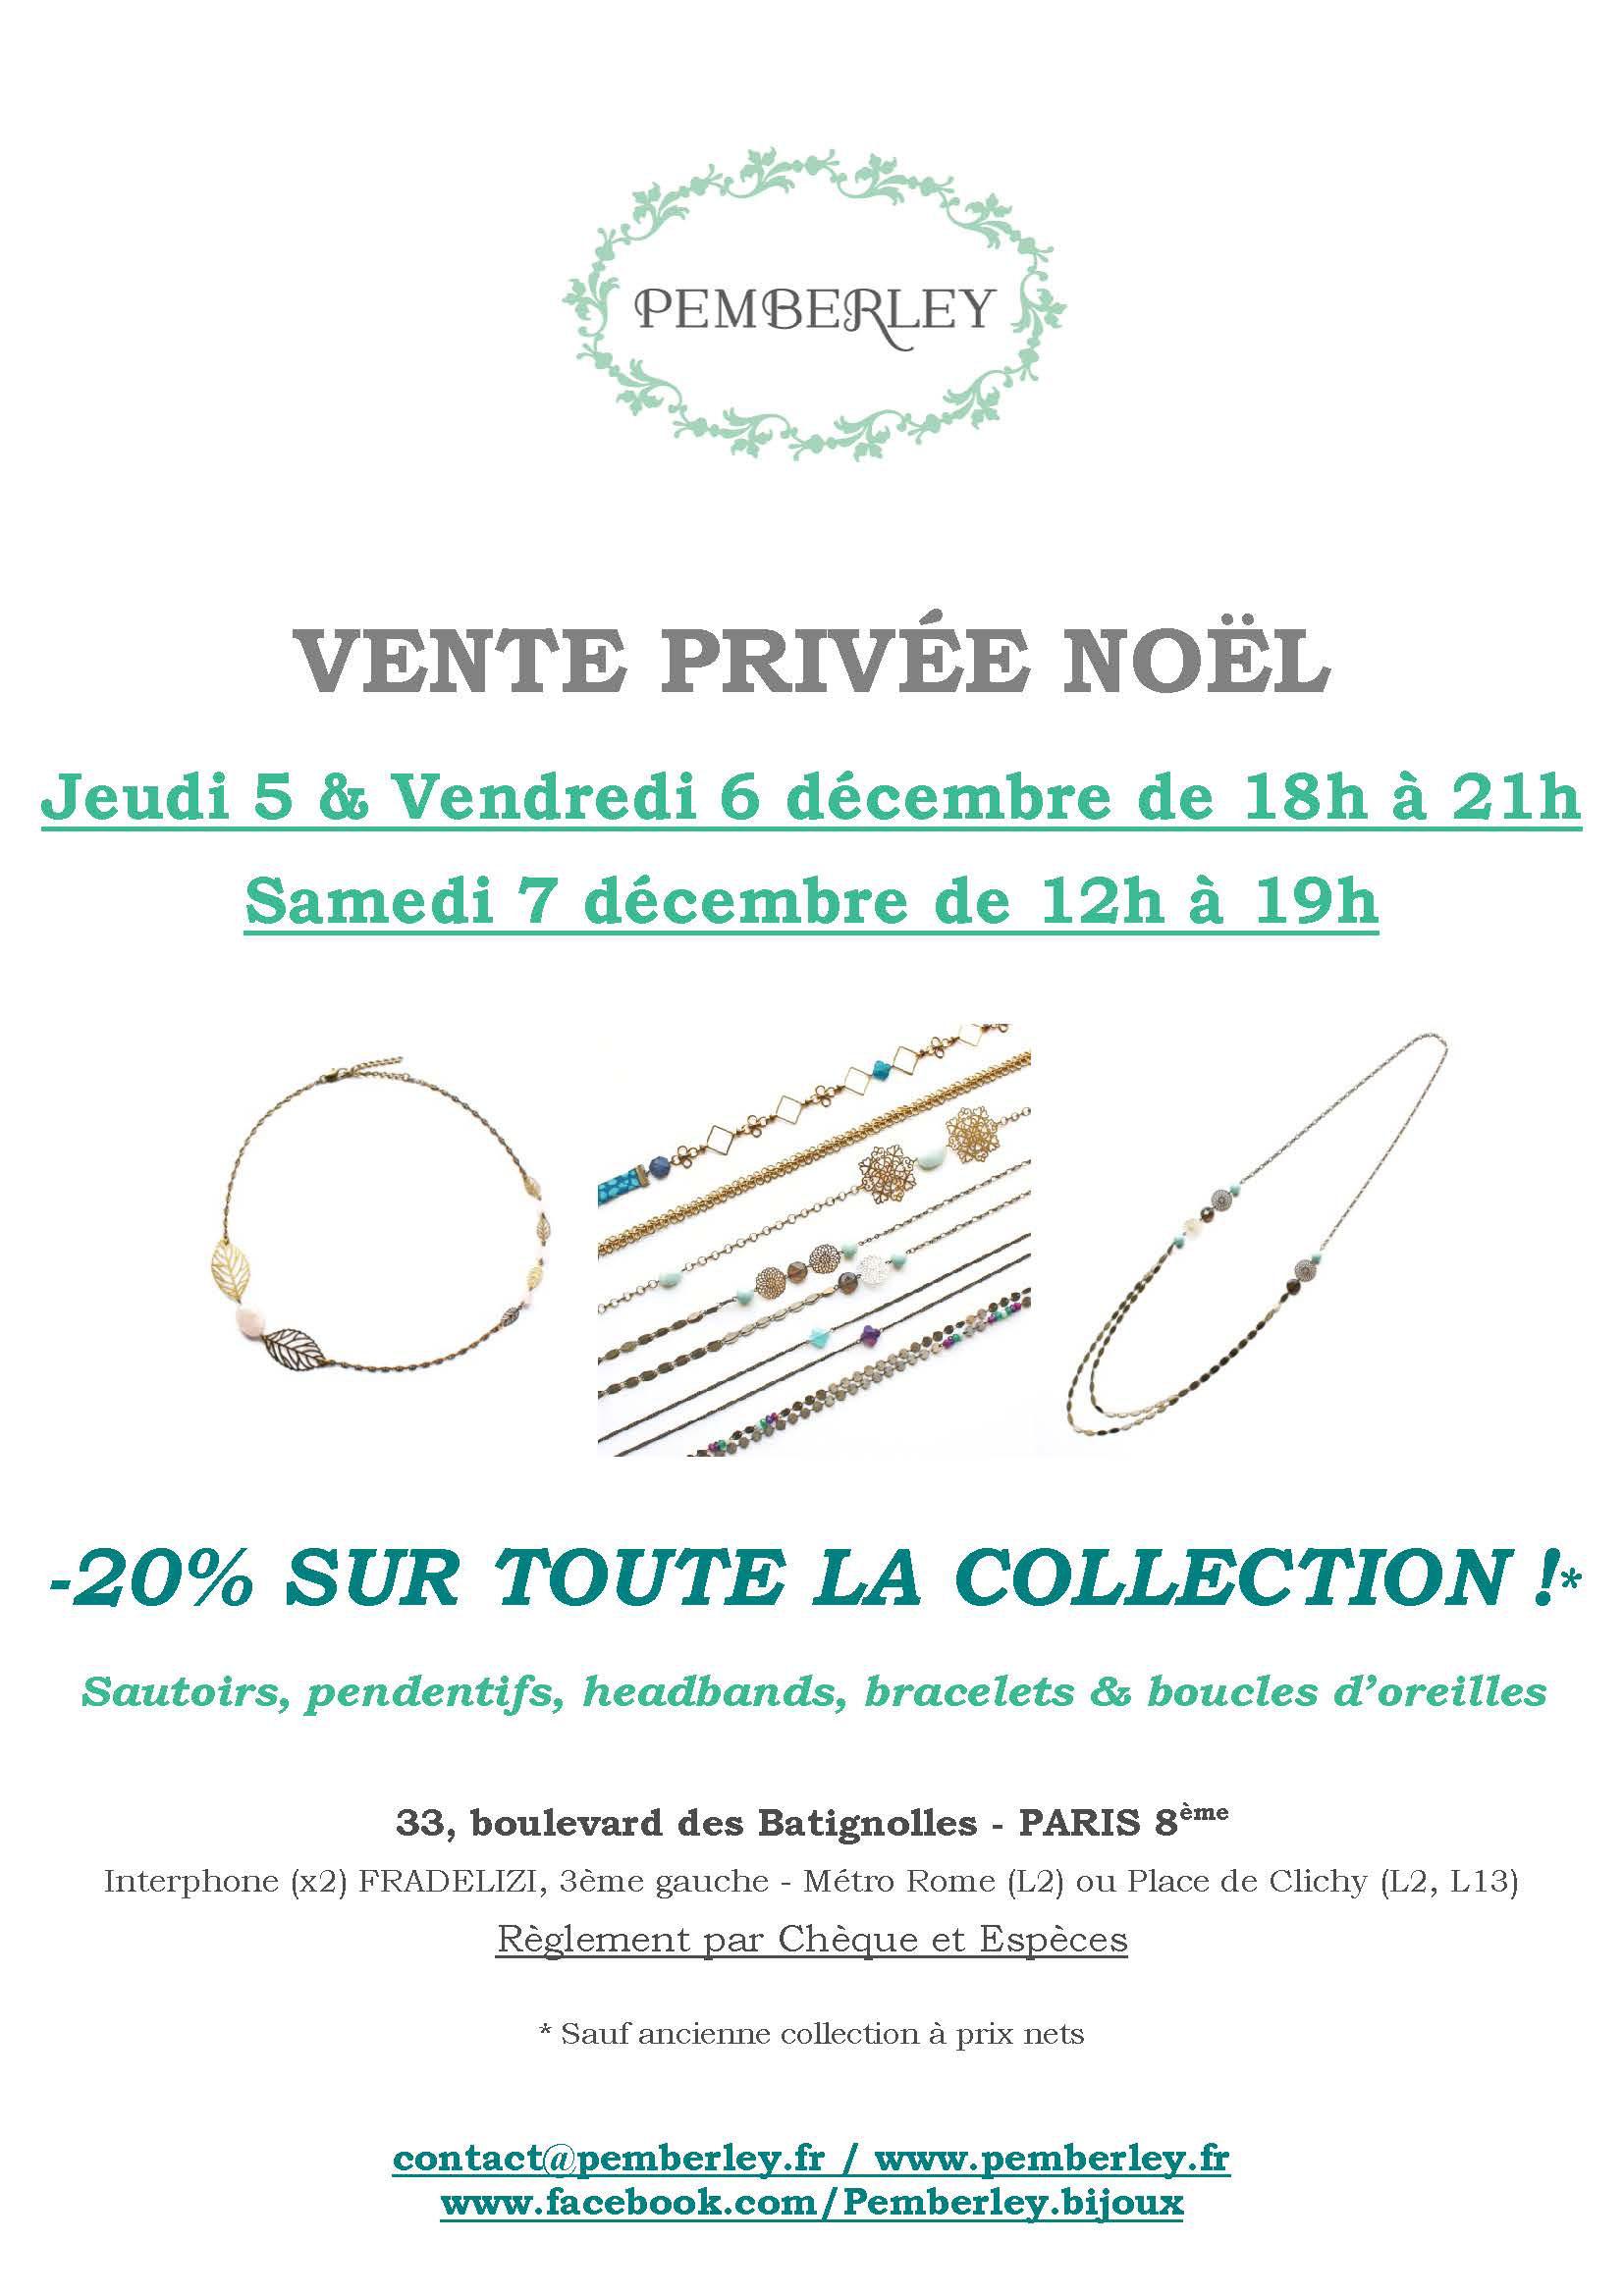 Vente de Noël Pemberley à Paris décembre 2013